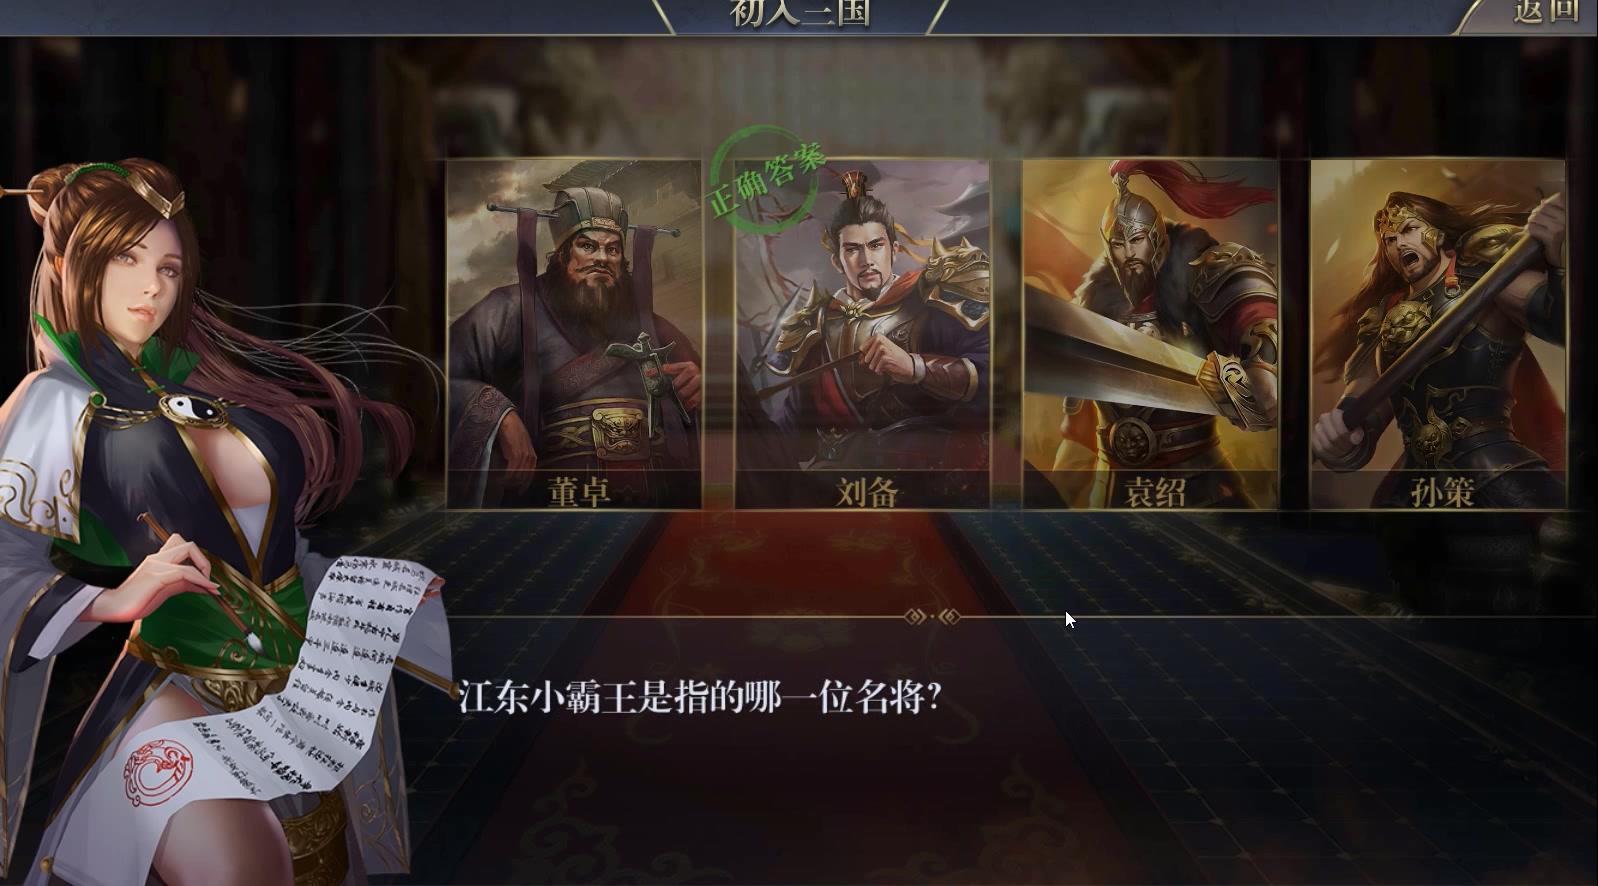 3分钟试玩实录:《九州三国志》手游新版本1月11日开测